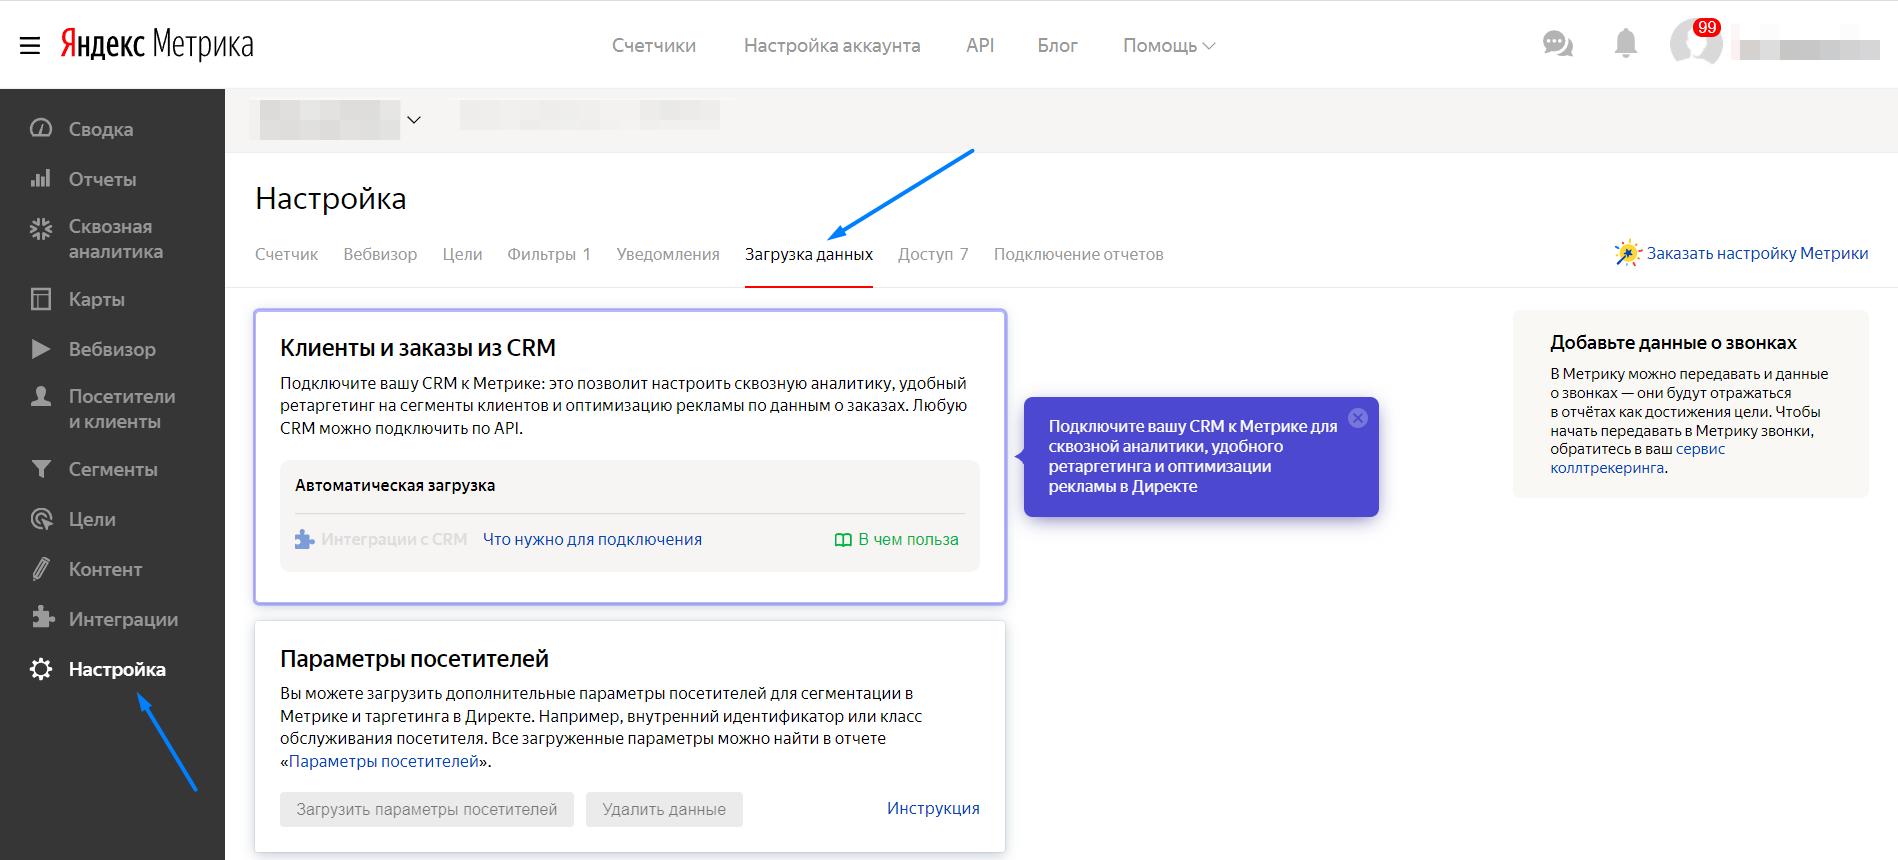 Как загрузить данные в Яндекс.Метрику